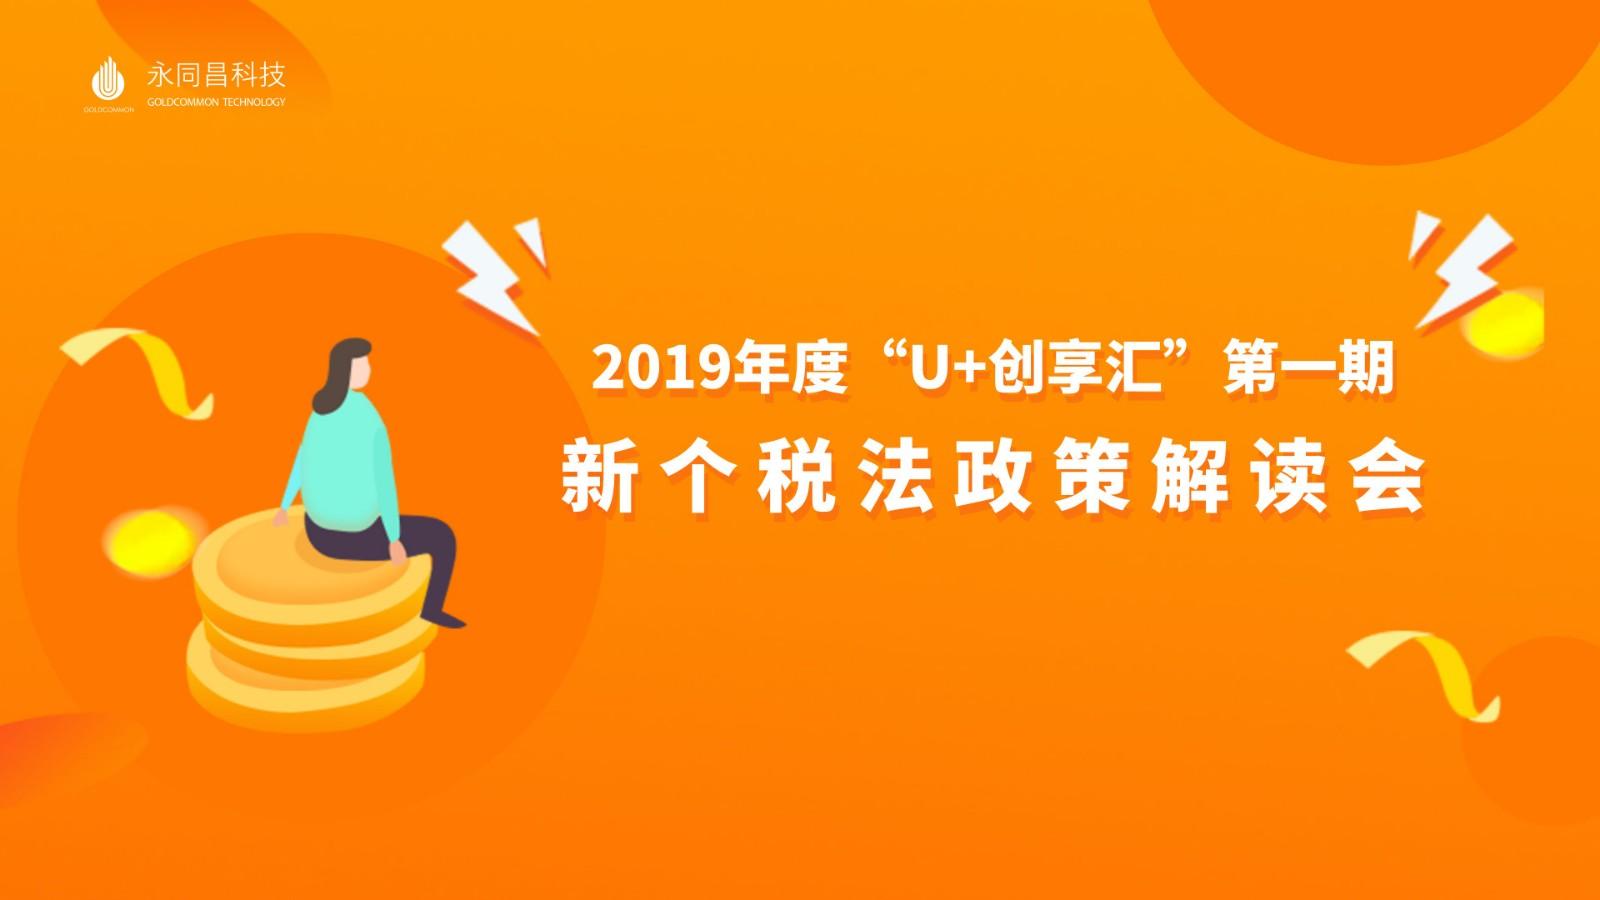 圆满举办|【永同昌创新学院2019第1期】U+创享汇 第一期——2019年1月新个税法政策解读会